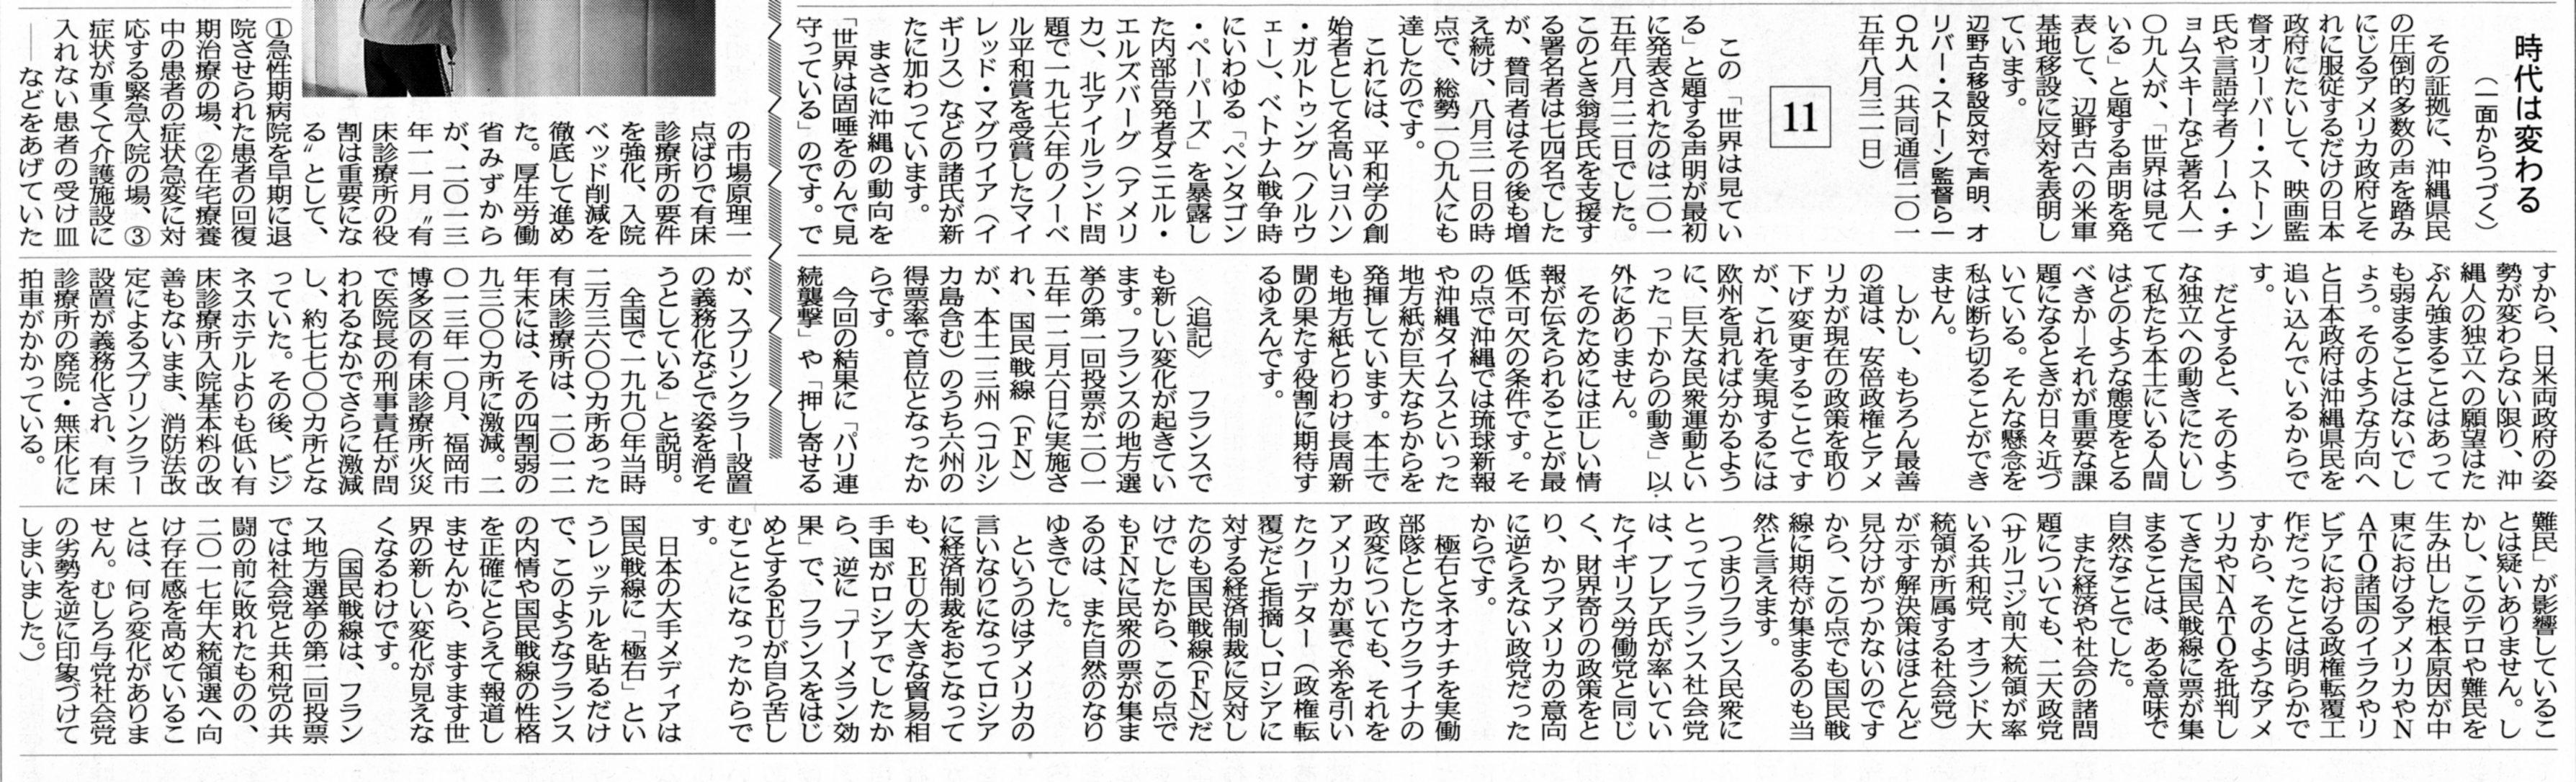 「時代は変わる」長周新聞20151221(下)140